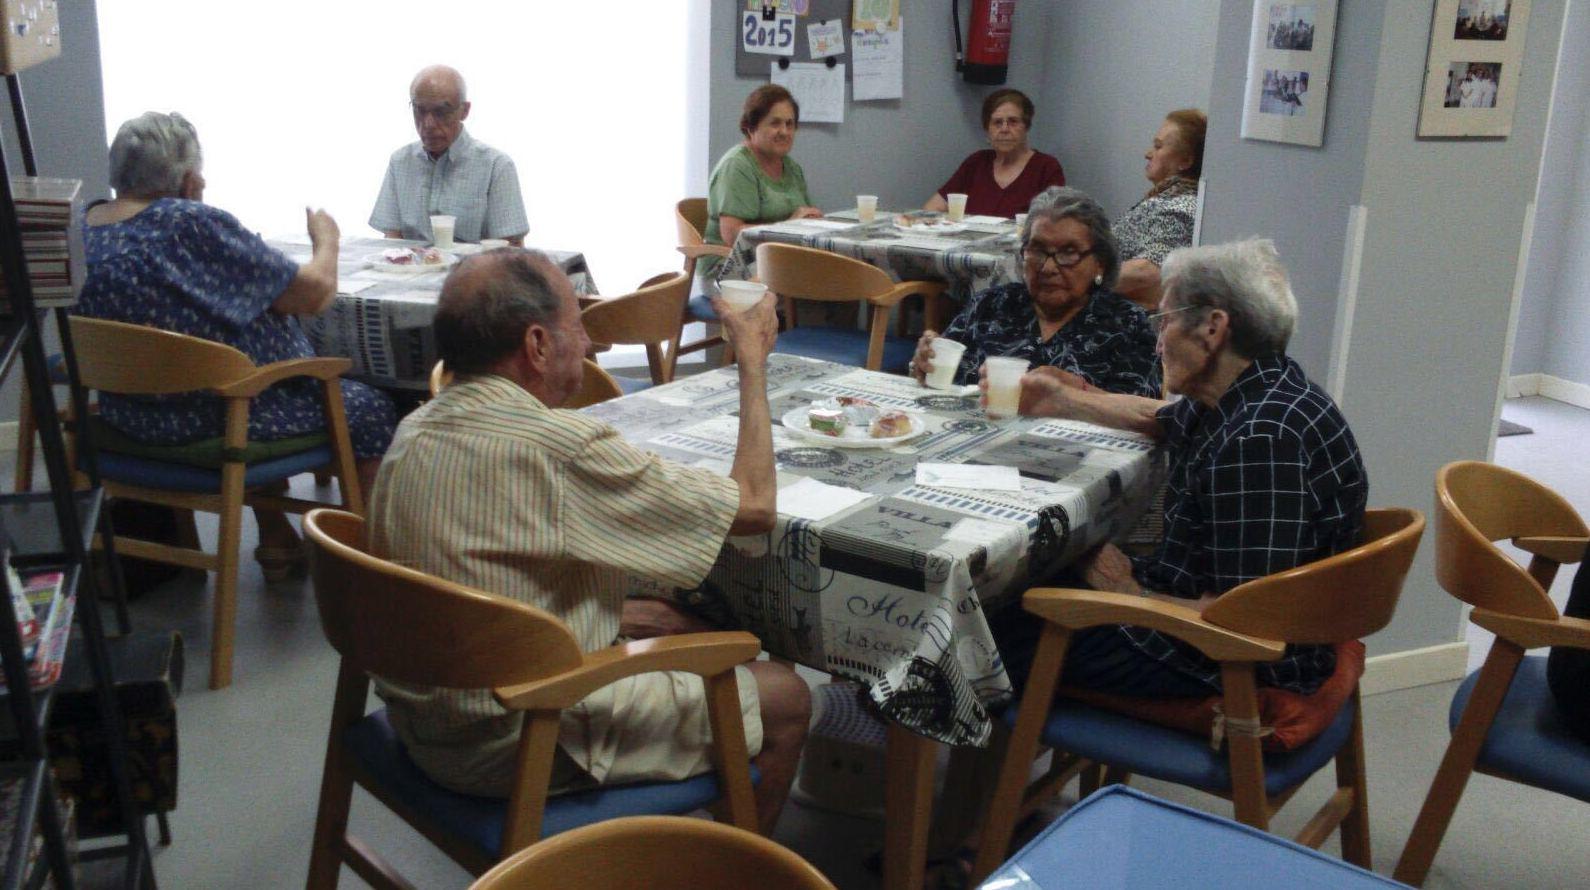 Foto 35 de Centros de día en Madrid | Centro de Día para Mayores Doctor Espina